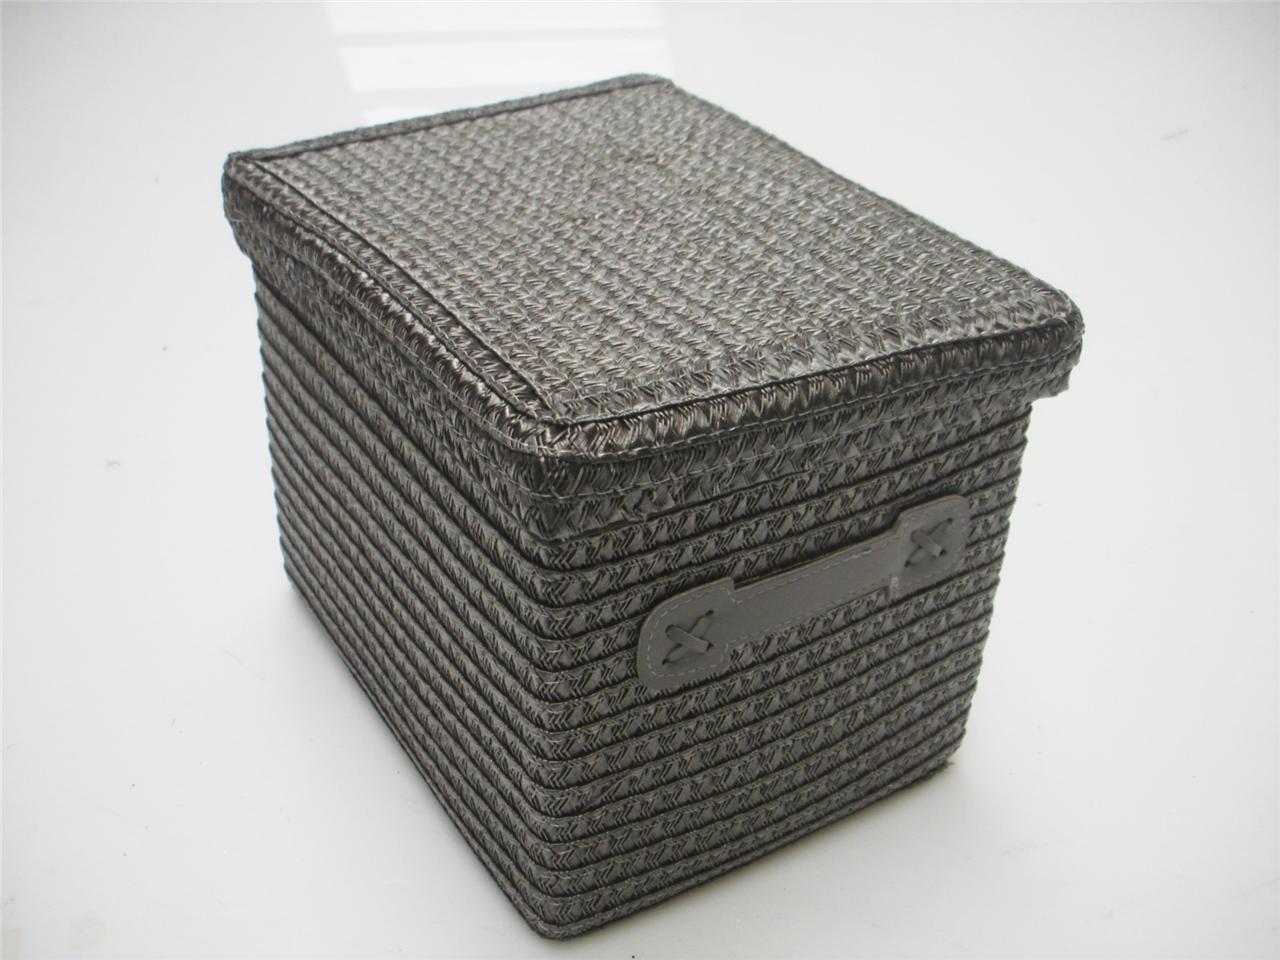 Exceptionnel Wicker Storage Baskets With Lids Best Storage Design 2017